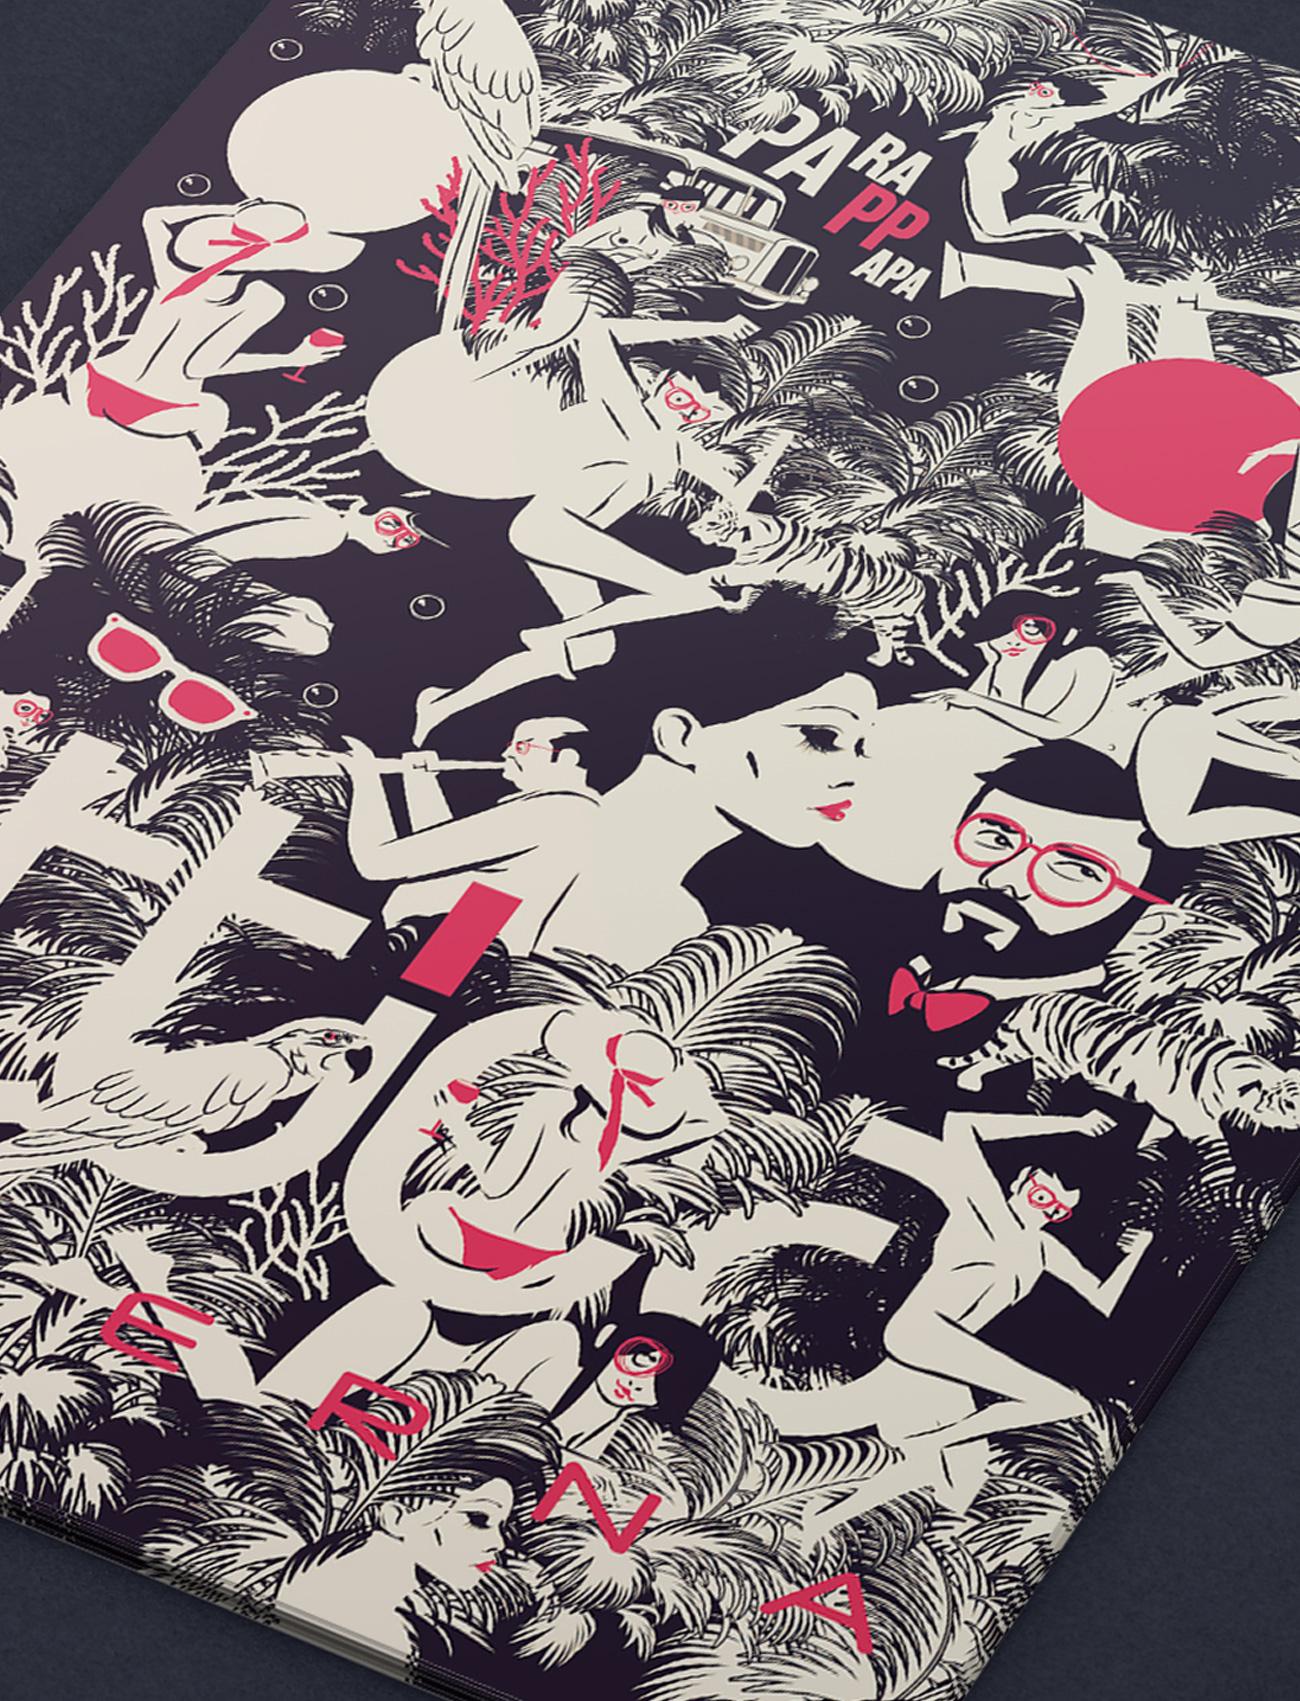 cover-2-illustrazione-packaging-grafica-logo-gli-essenziali-cosmetica-digit81-simone-roveda